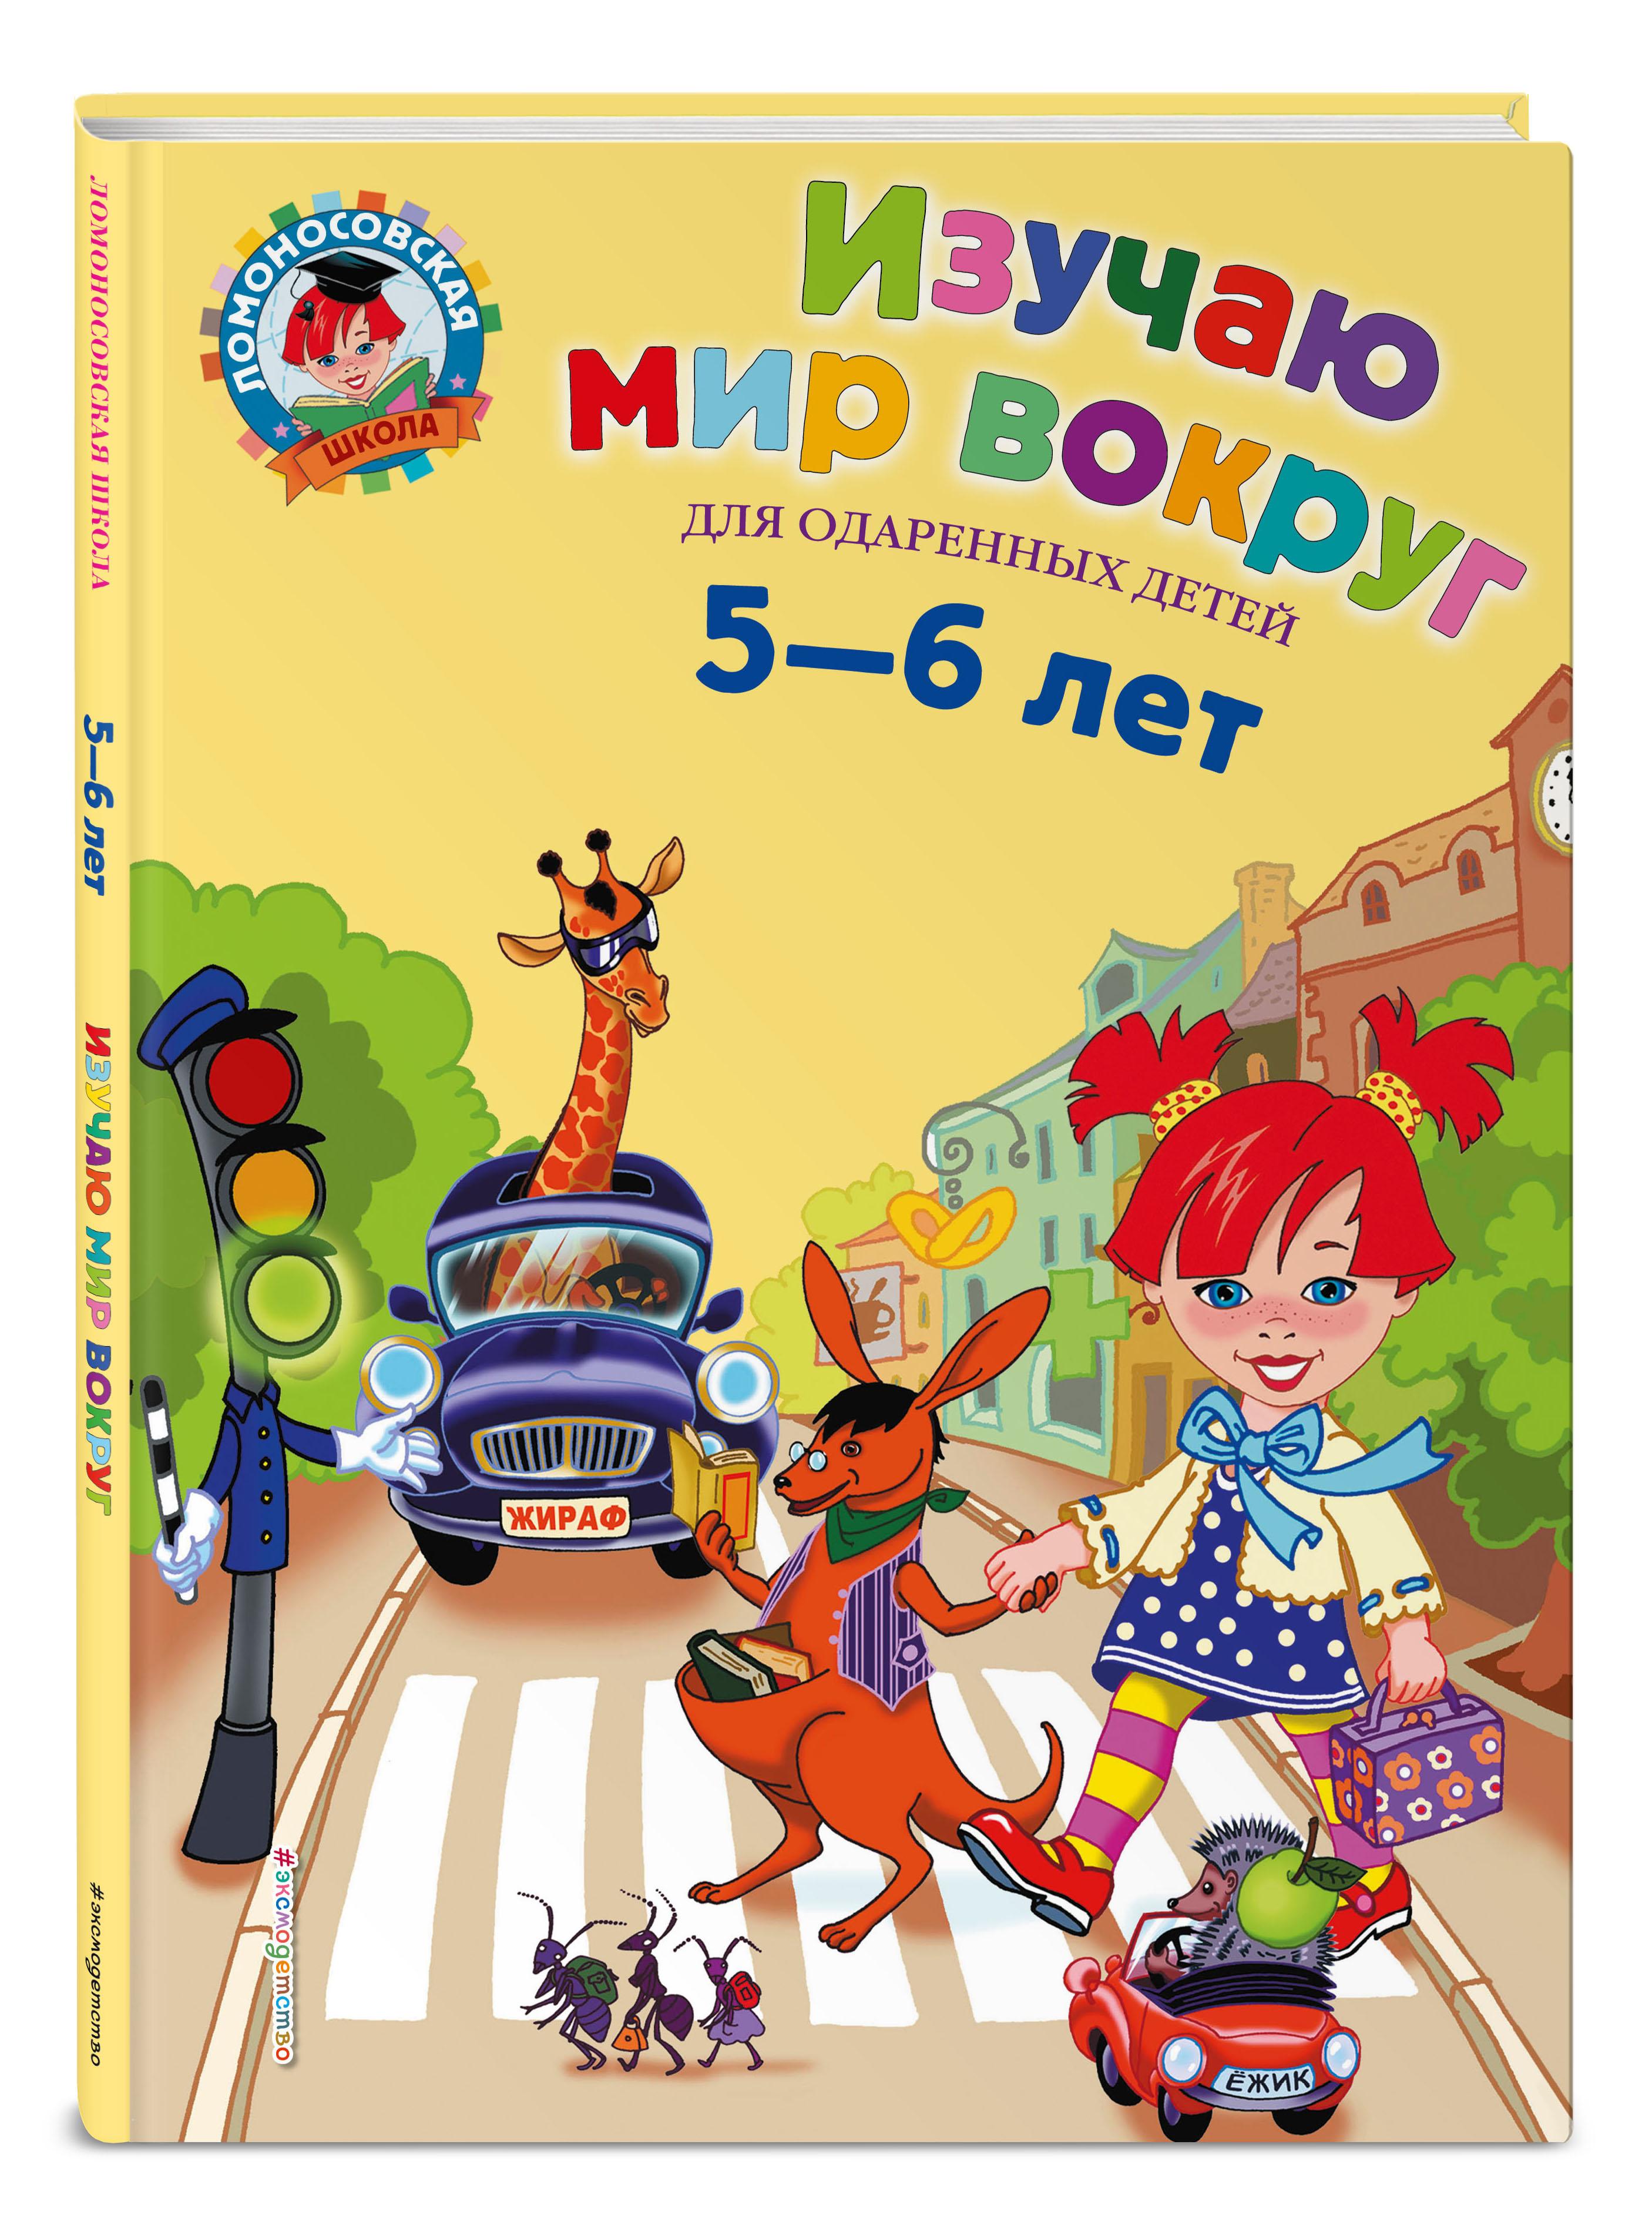 Егупова В.А. Изучаю мир вокруг: для детей 5-6 лет книги эксмо изучаю мир вокруг для детей 6 7 лет